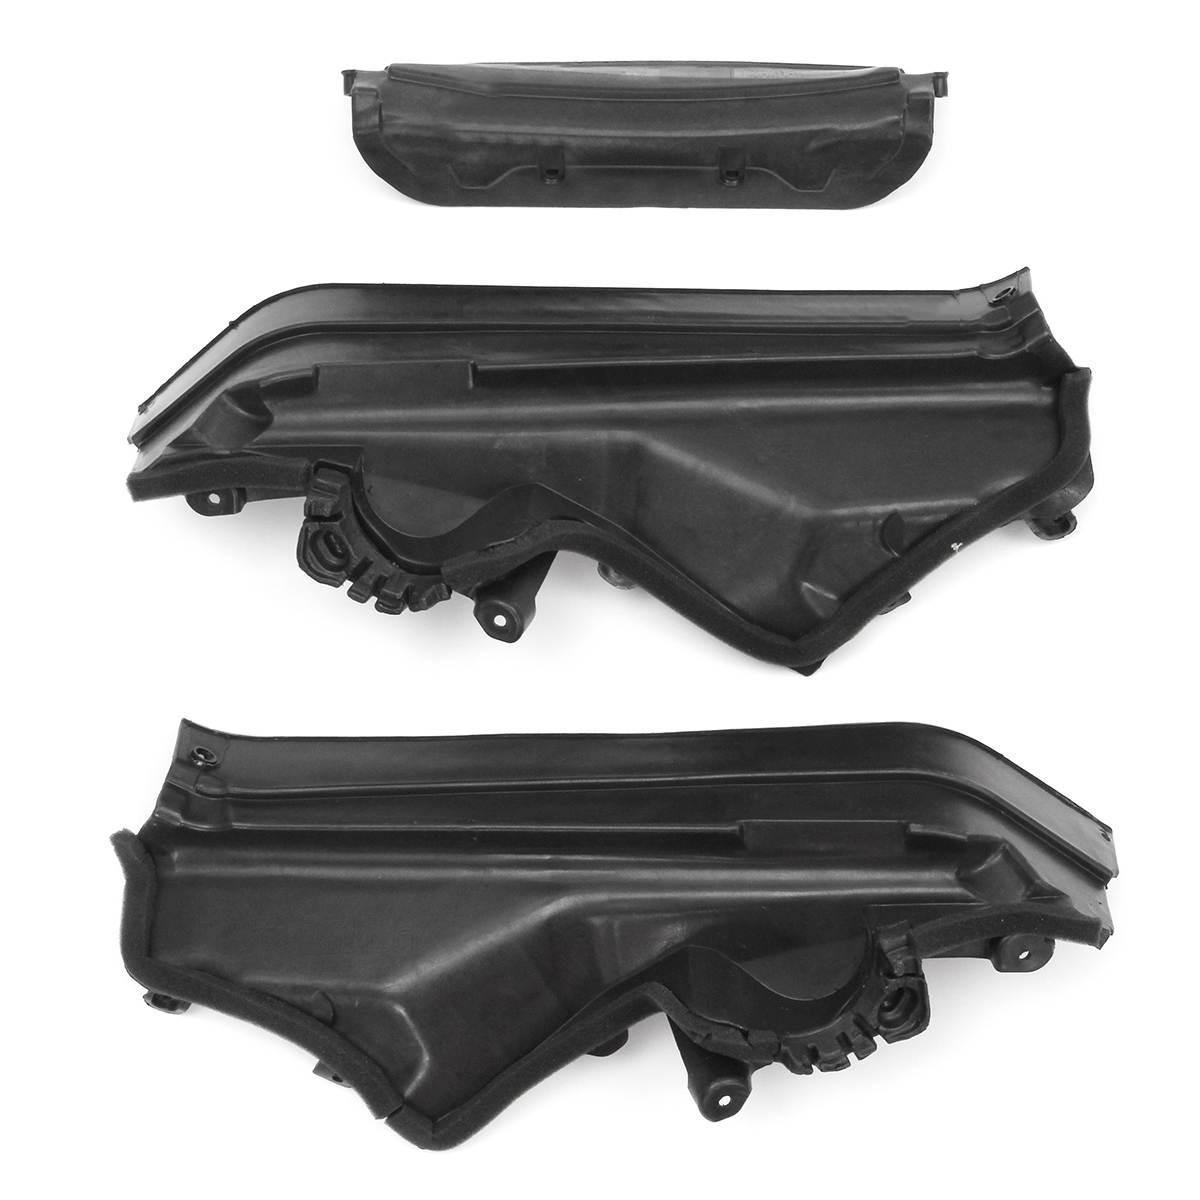 Di alta Qualità 3pcs Motore di Un'auto Vano Superiore Partizione Pannello Set Per BMW X5 X6 E70 E71 E72 51717169419 51717169420 51717169421